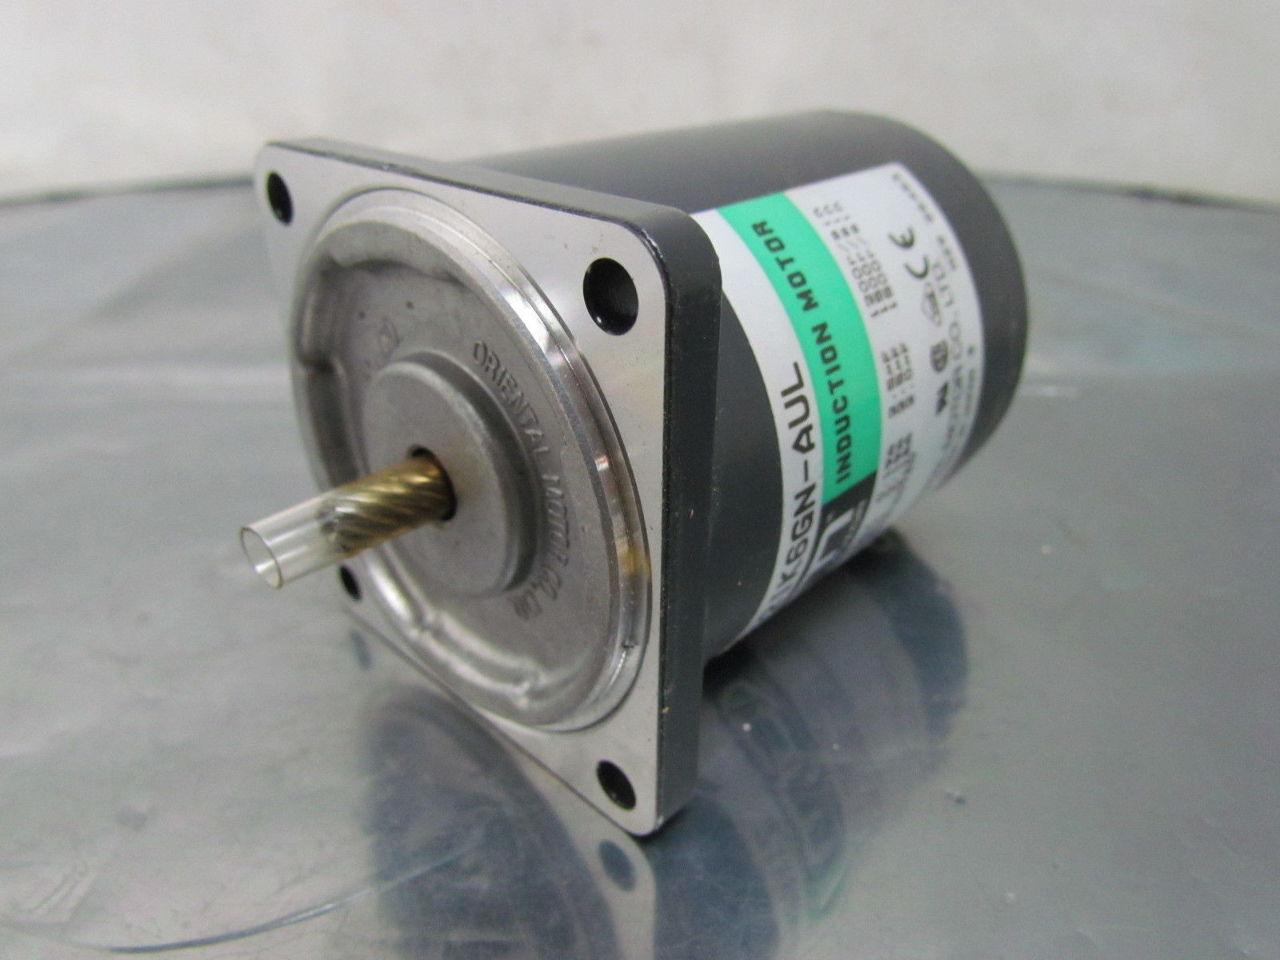 Oriental 2ik6gn aul induction motor 1 phase 115v amp for 2 phase induction motor